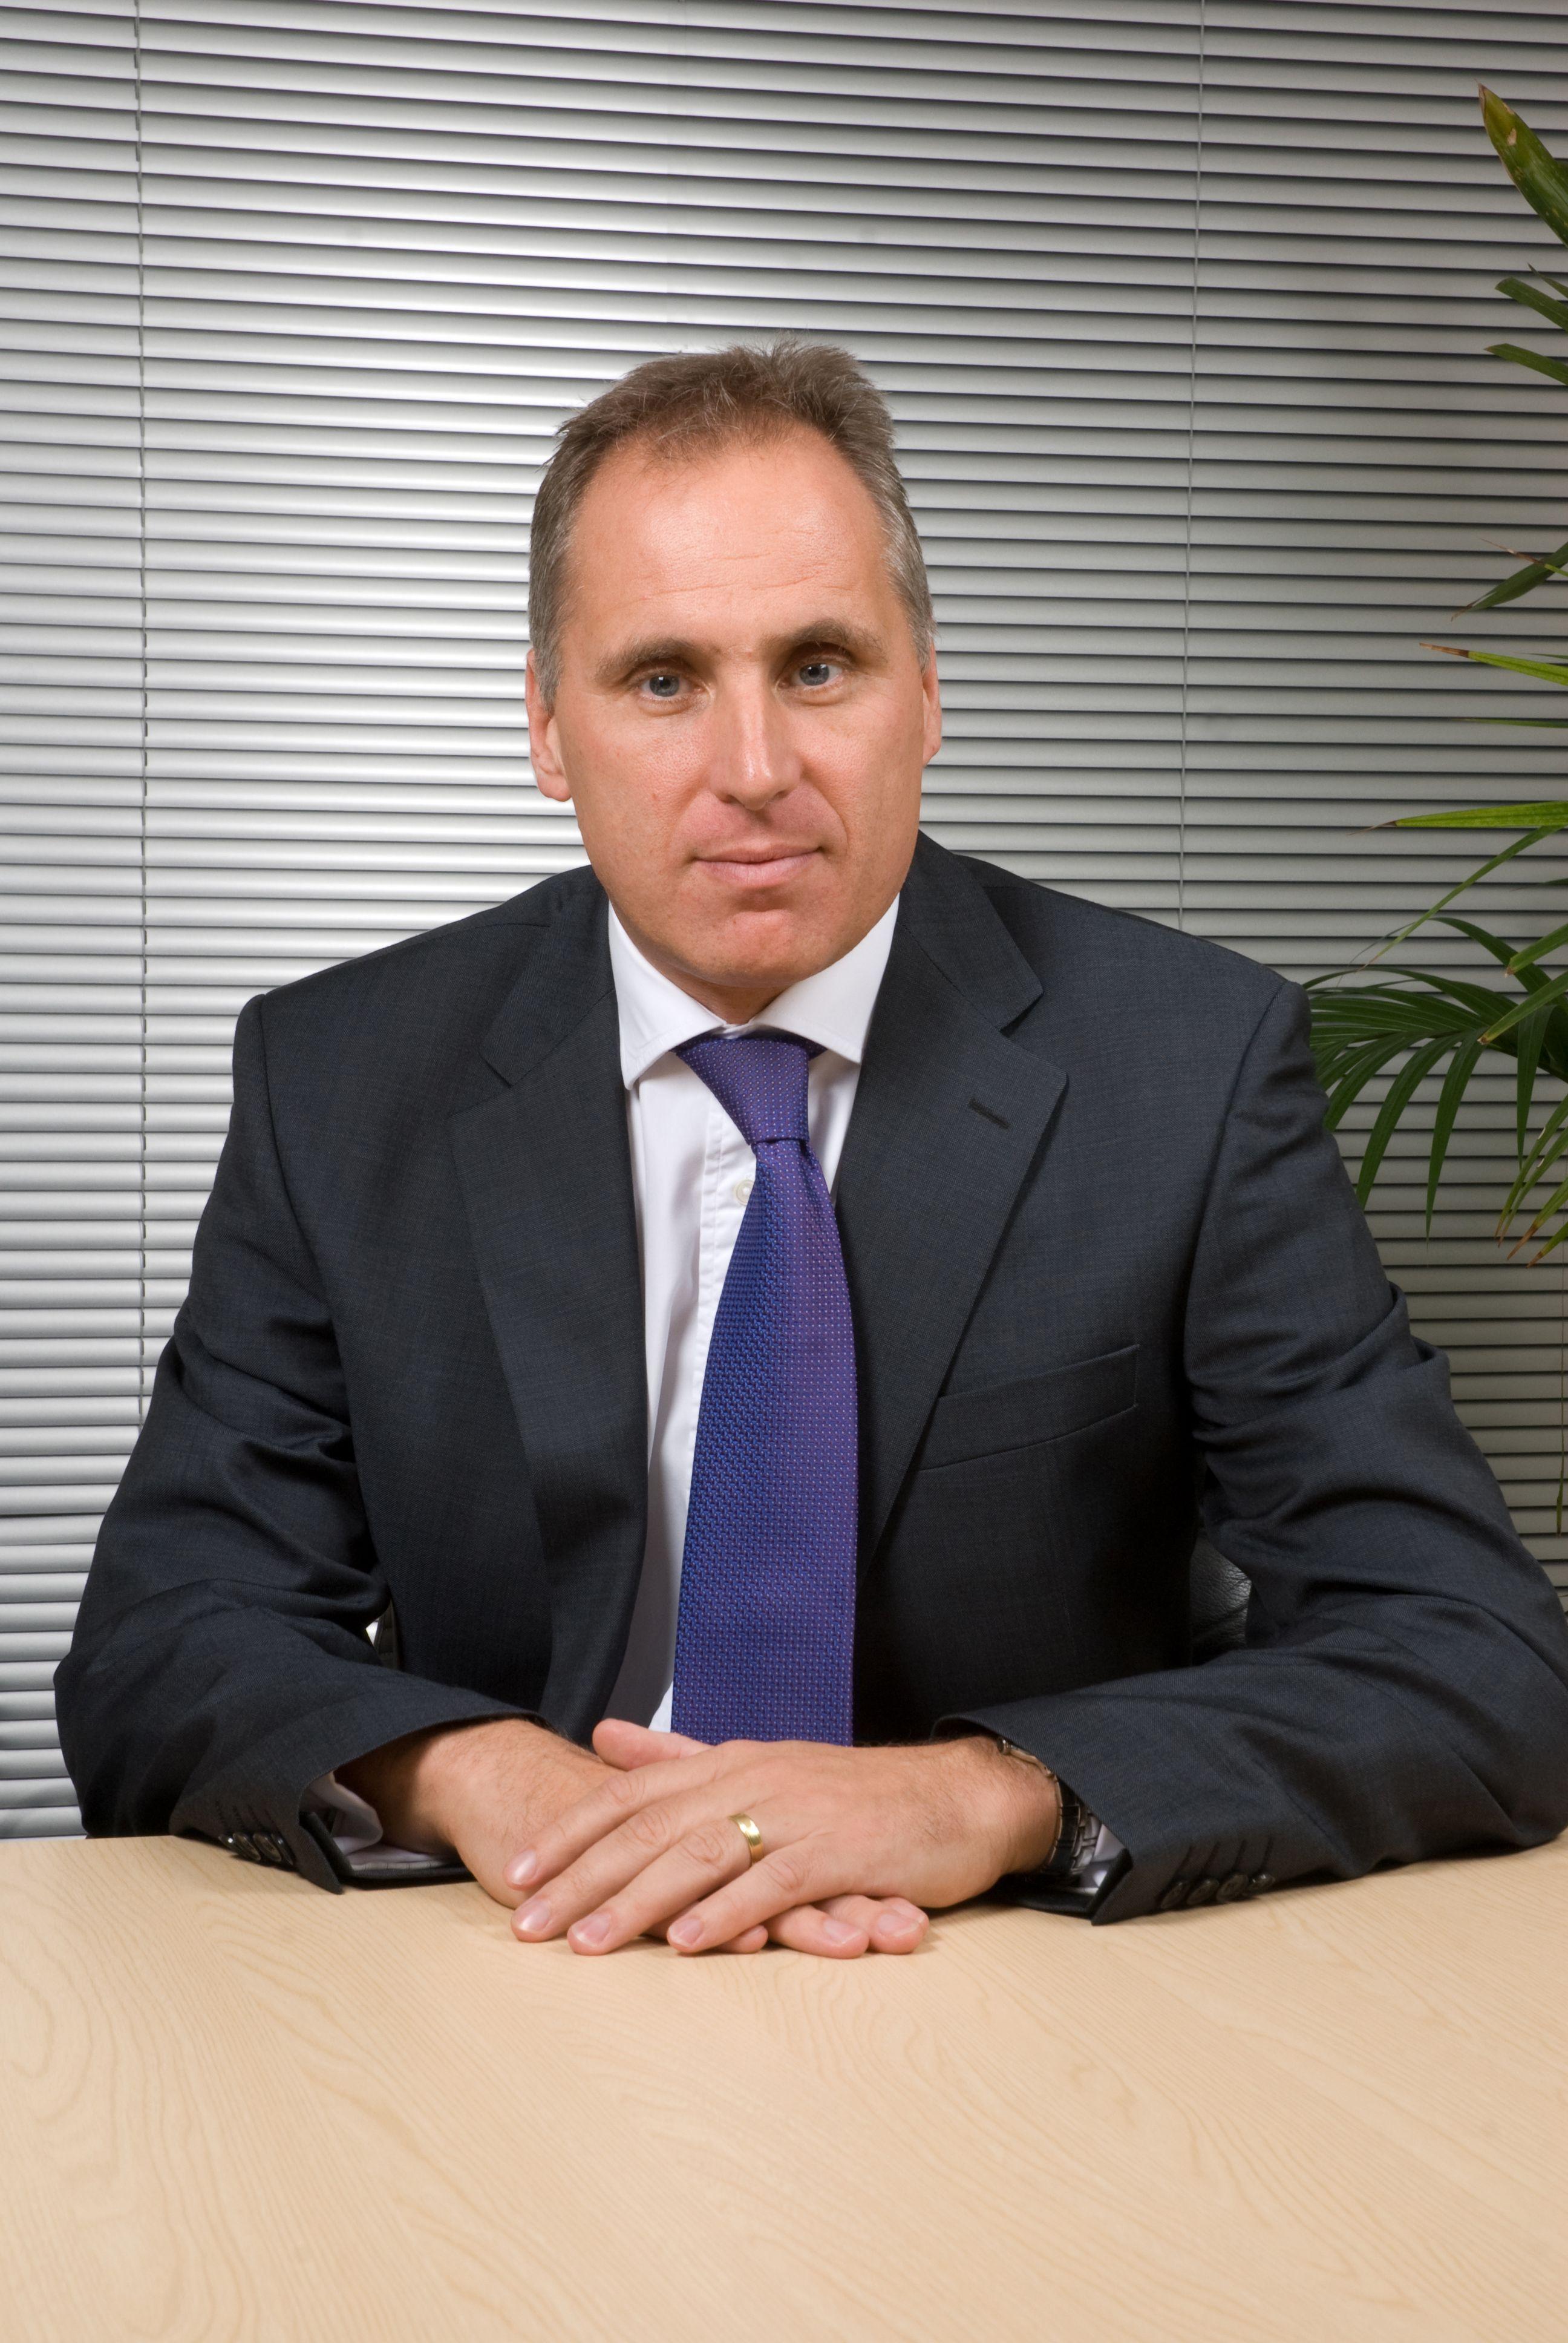 Allen Joins ARI Fleet UK as Managing Director